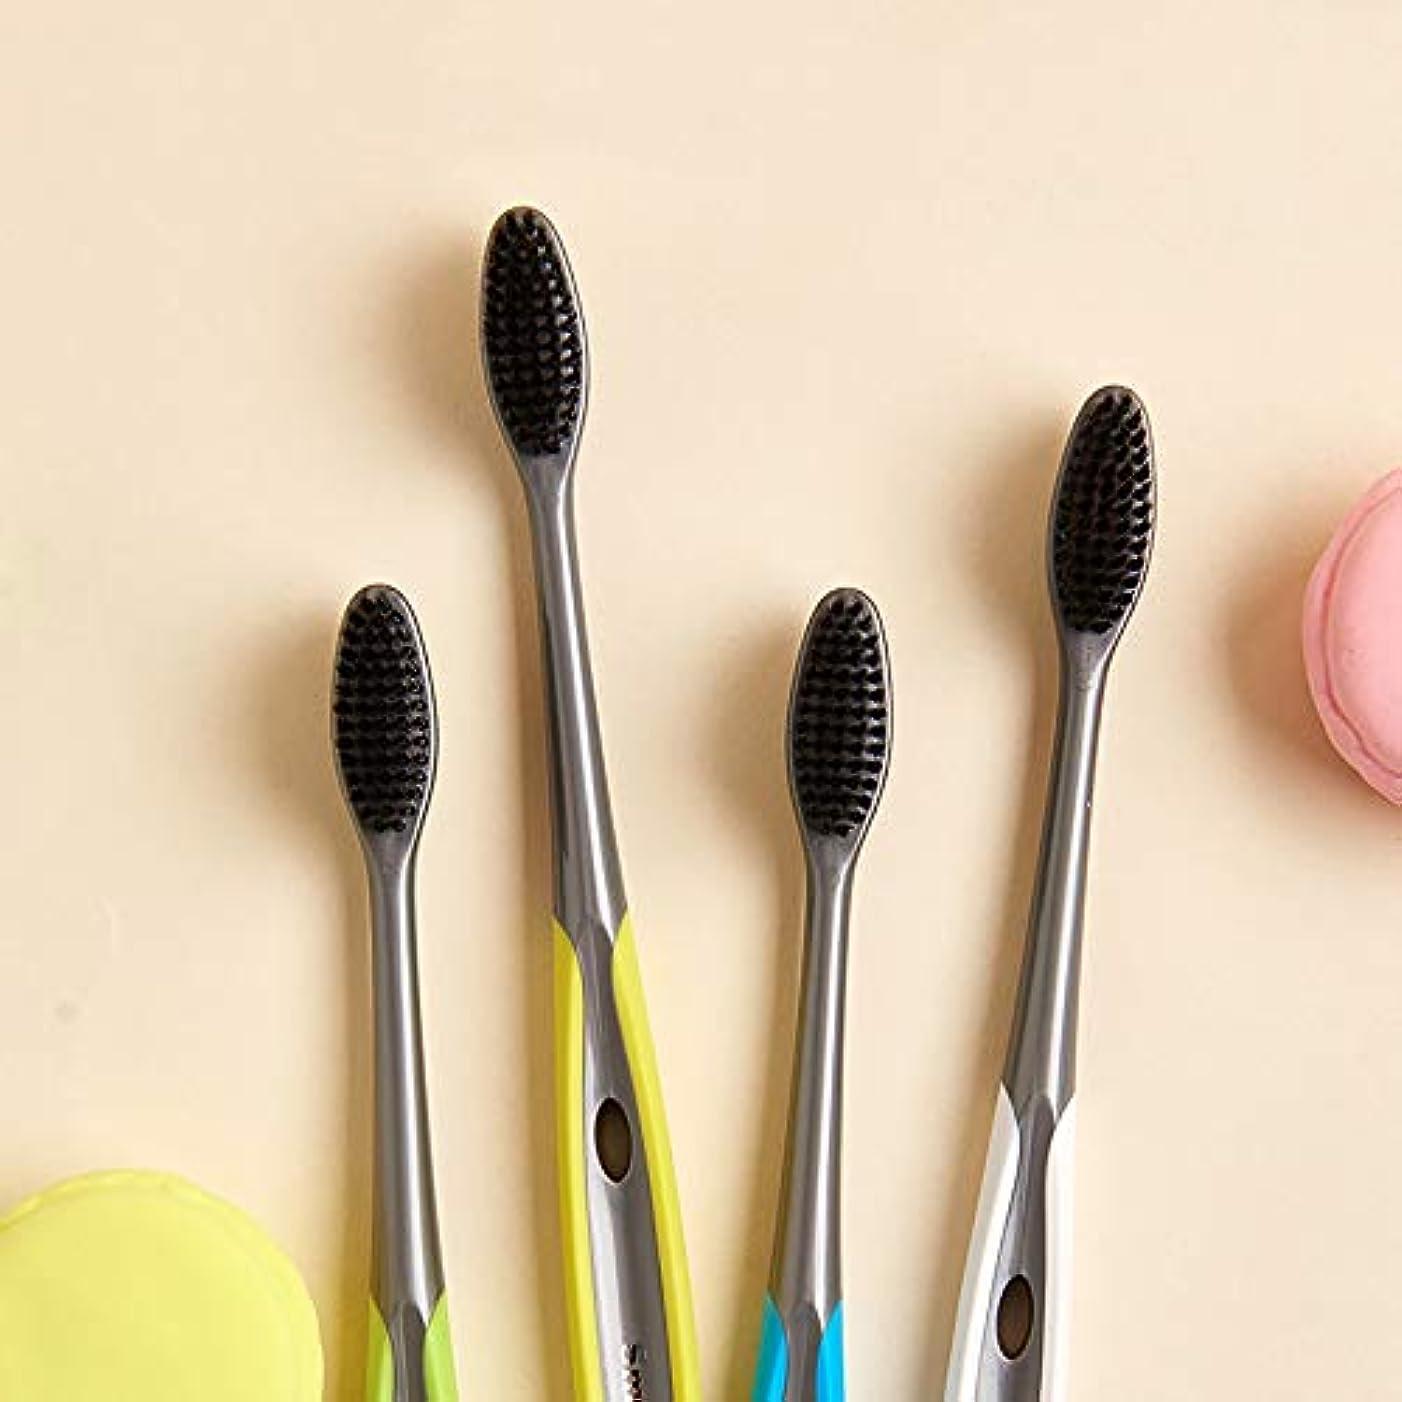 解体するモルヒネラジカル歯ブラシ 竹炭歯ブラシ、口腔衛生歯ブラシ、バルク歯ブラシ - 10パック HL (サイズ : 10 packs)